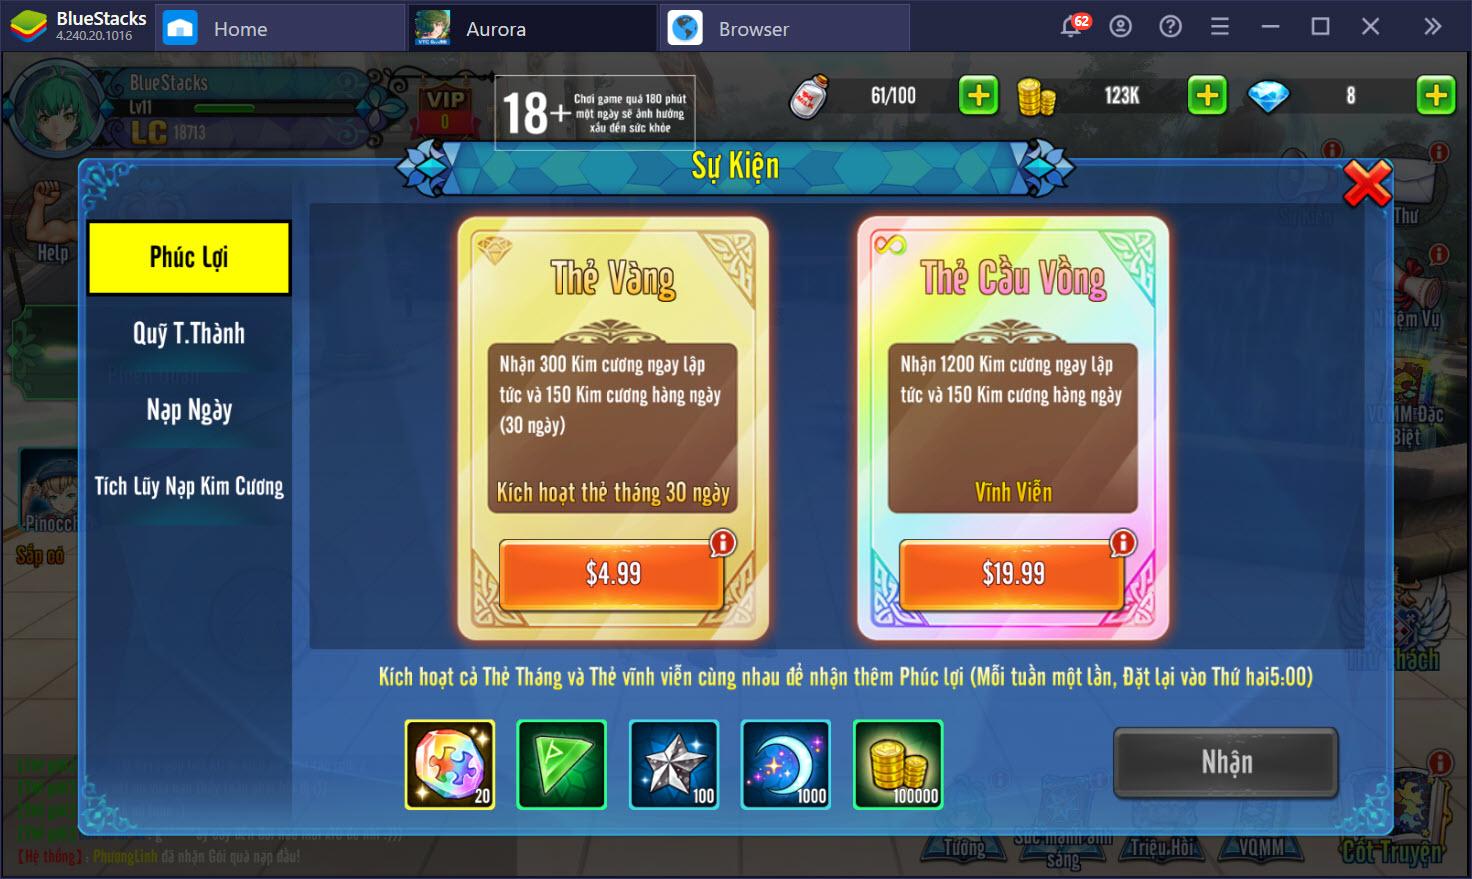 Cùng chơi Aurora – Vùng đất huyền thoại trên PC với BlueStacks